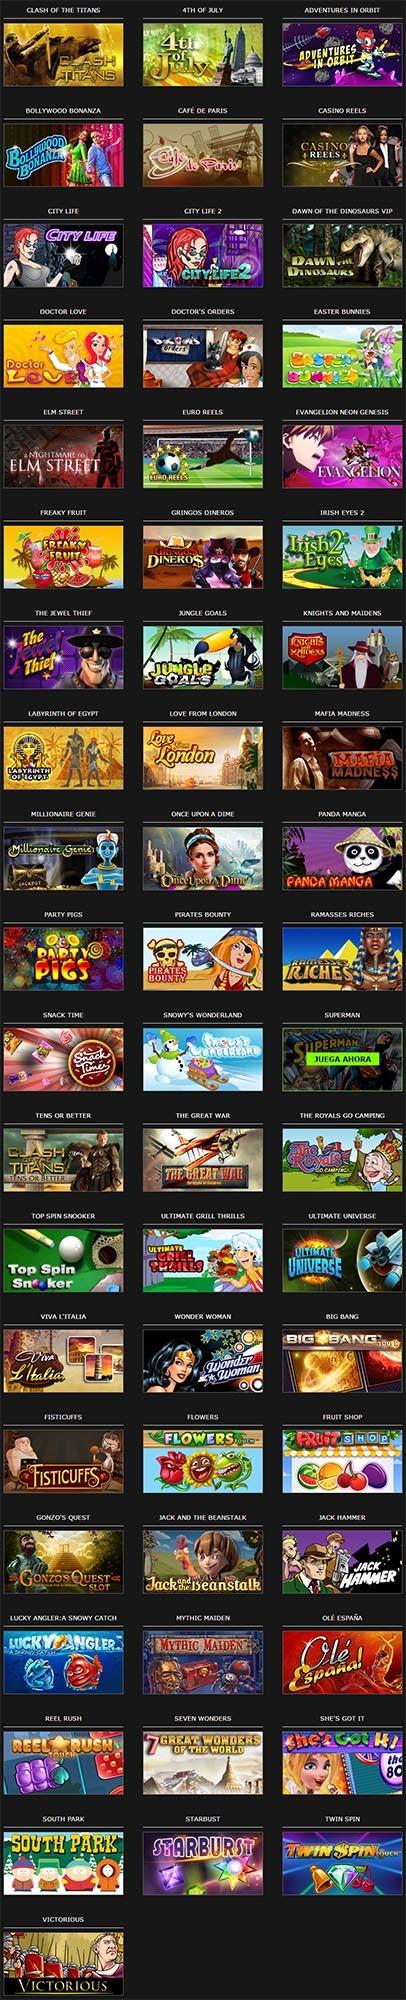 Depósitos y retiros con PayPal premios en los casinos de las vegas-133323